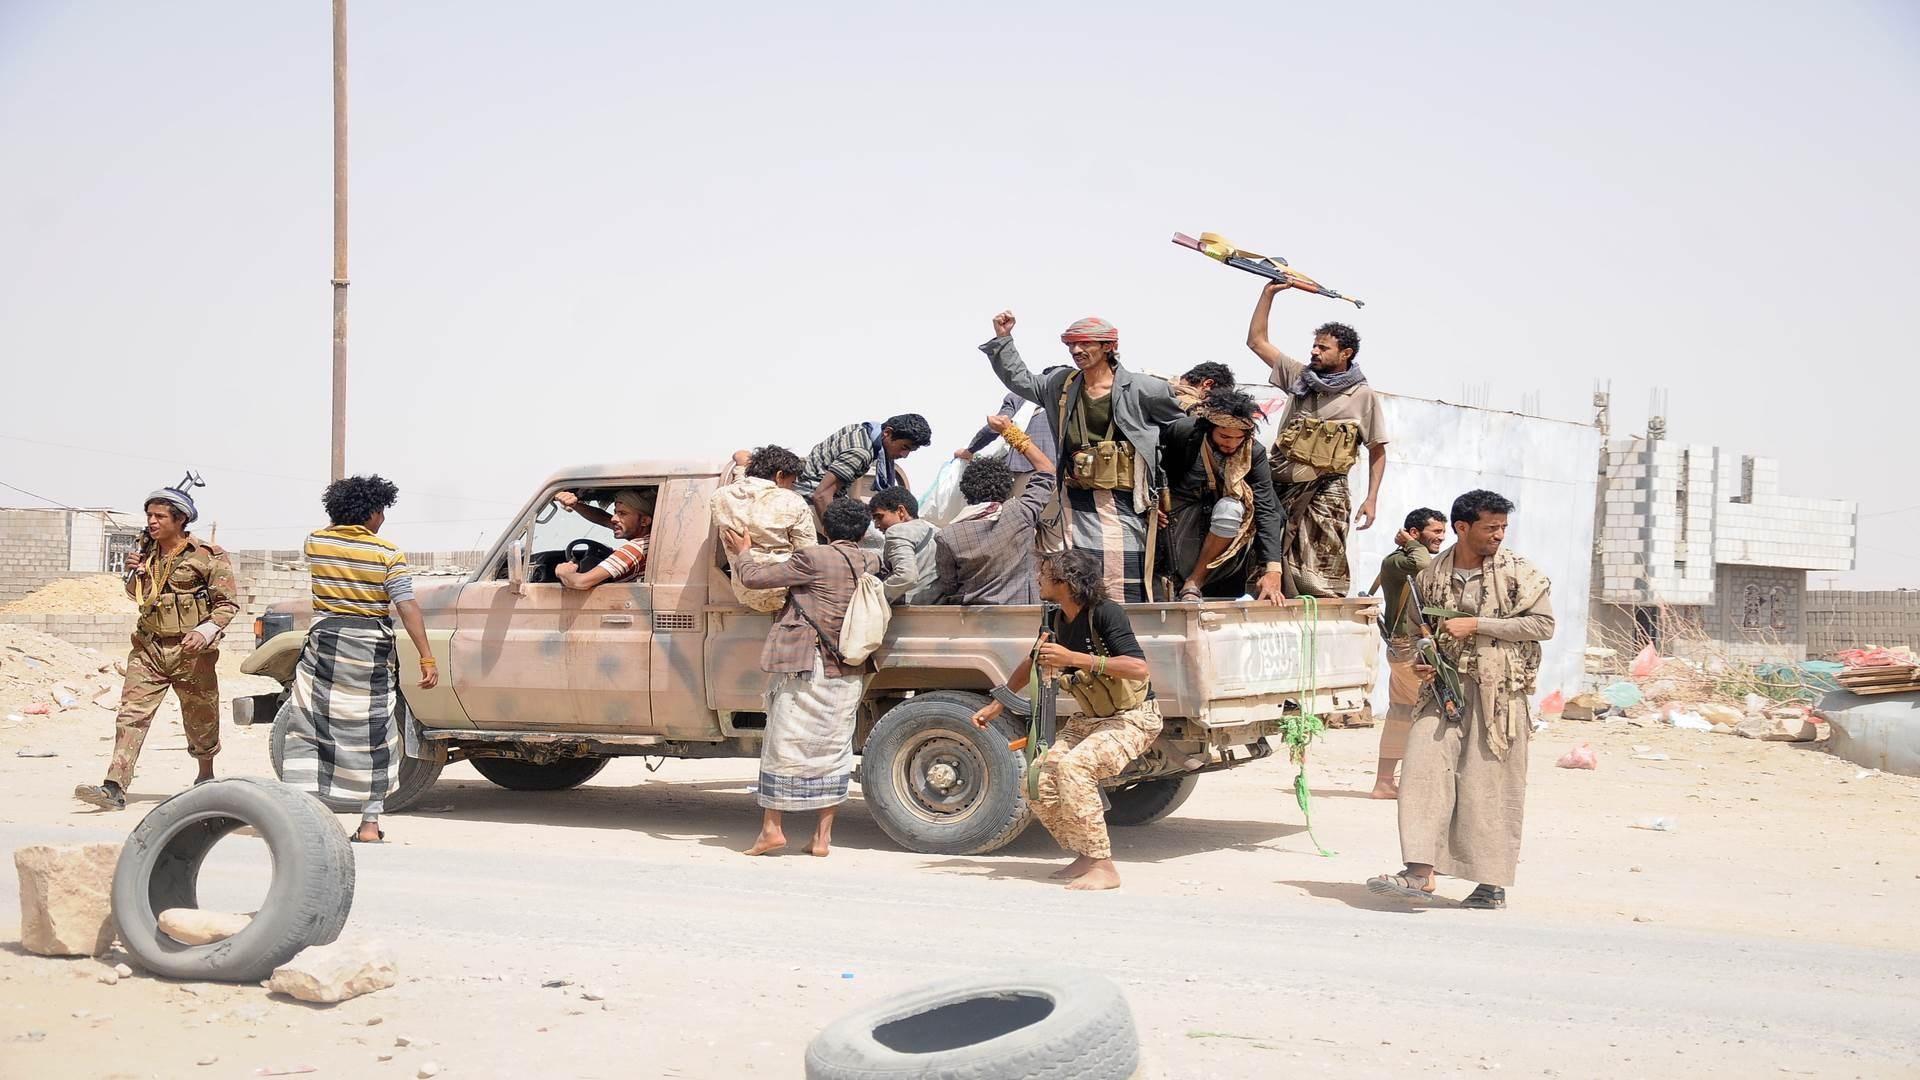 معارك عنيفة بين قوات حكومة صنعاء وقوات هادي في مأرب والجوف